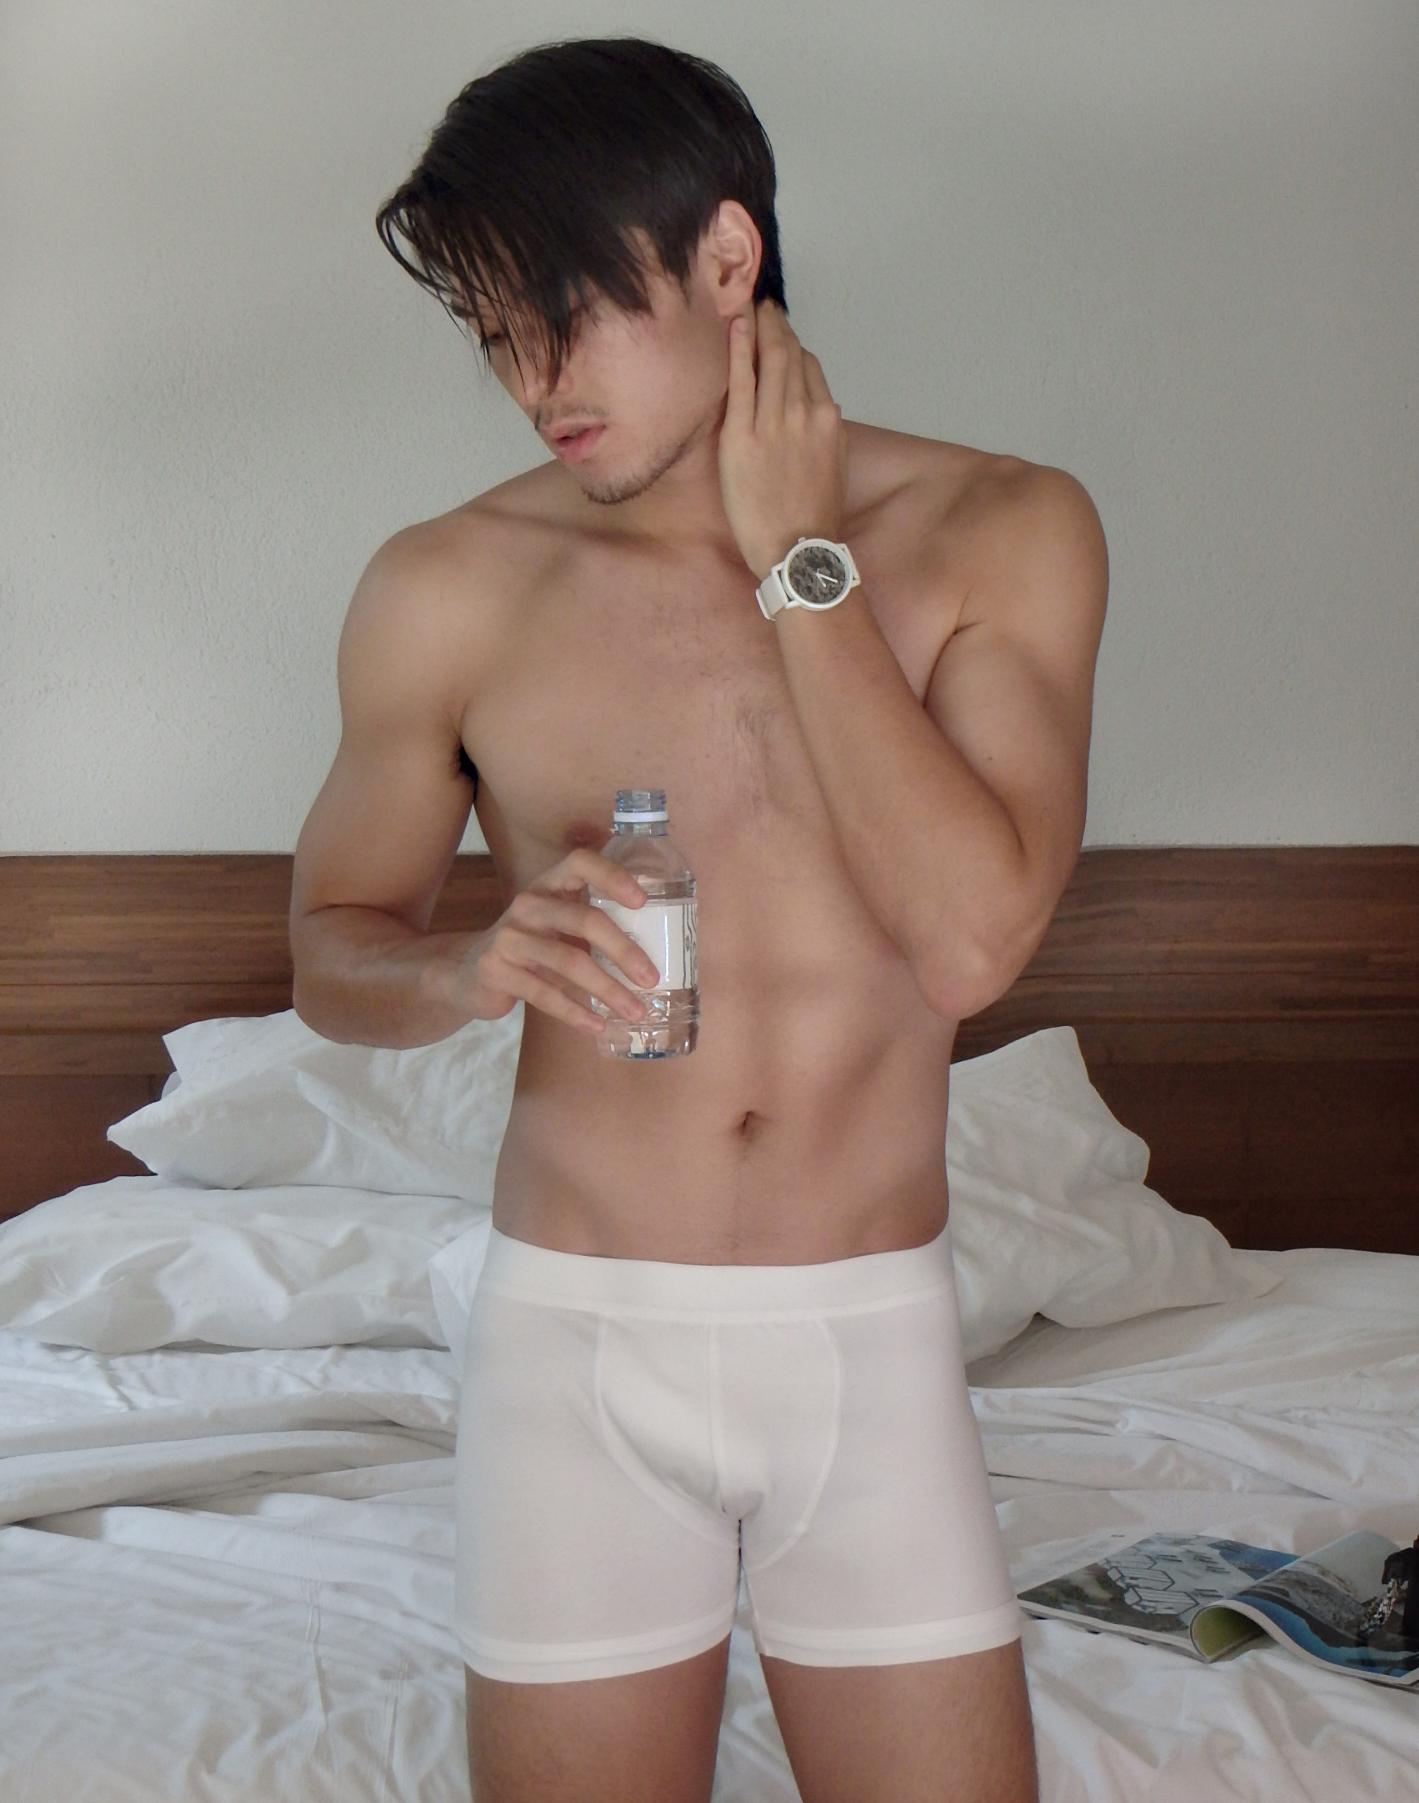 underwear : NOXX / watch : FORREST